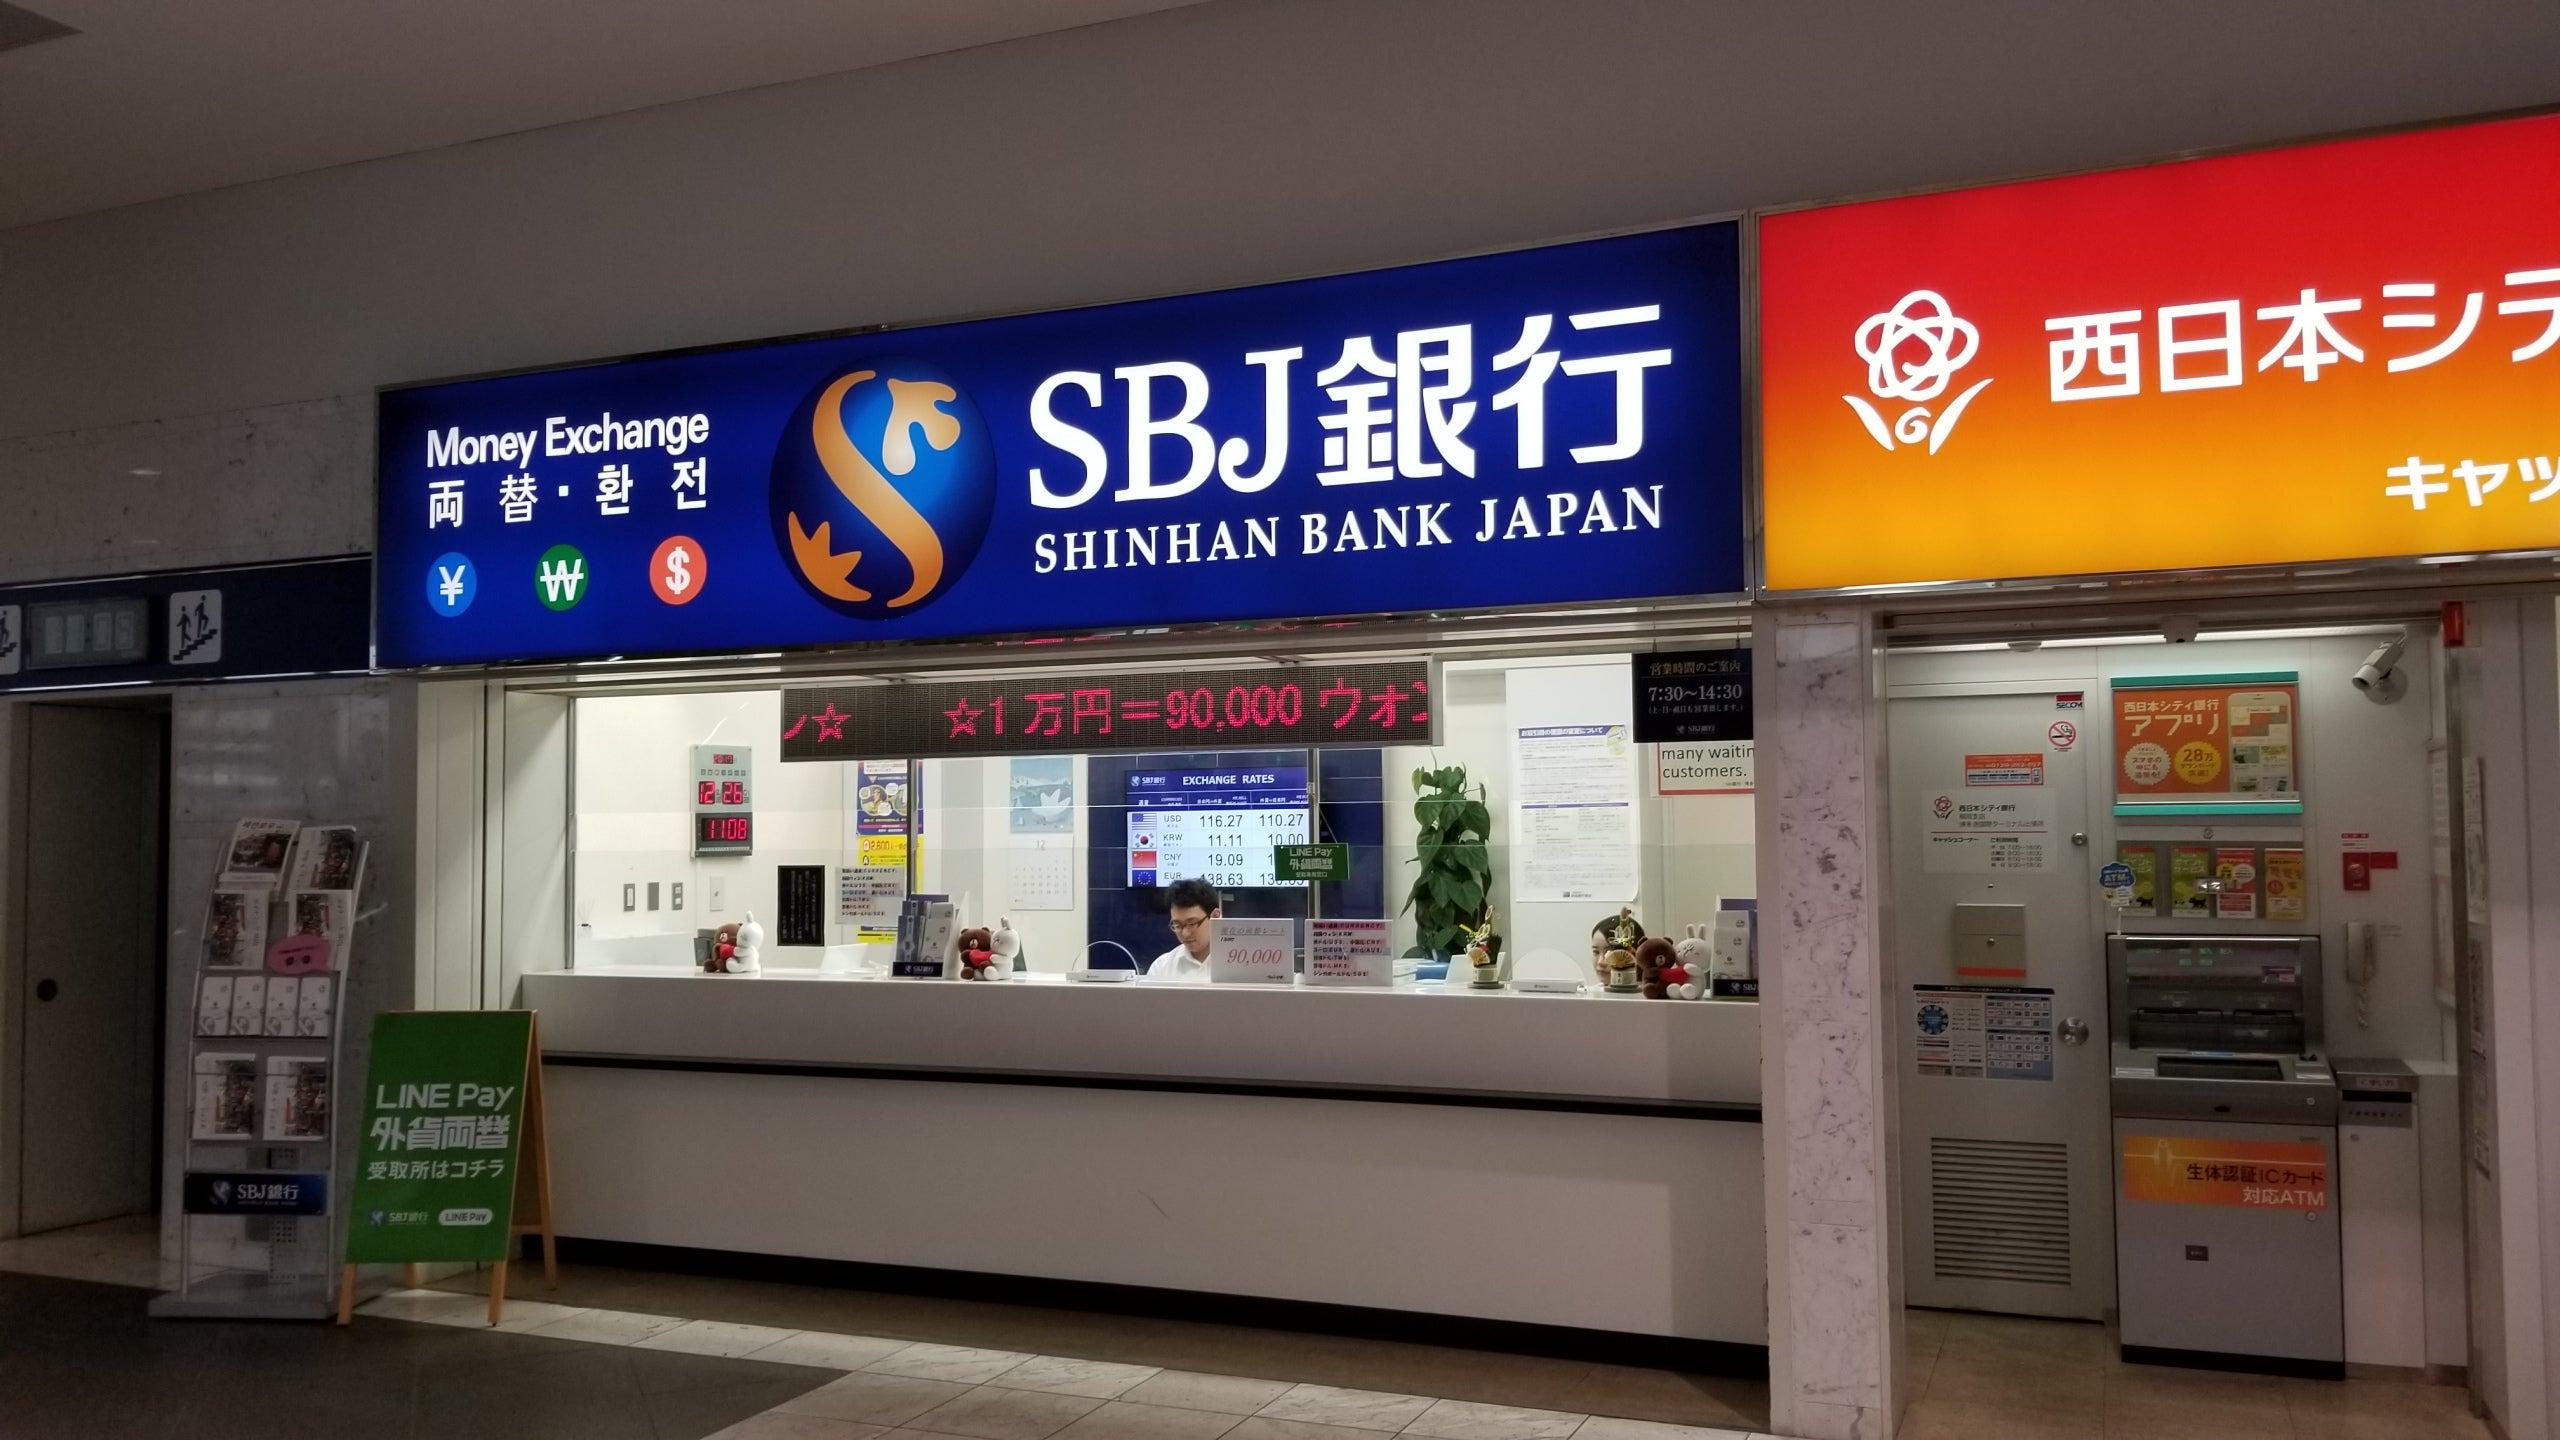 韓国両替あちらこちら@32回の釜山女一人旅 | 覚えていようよ。